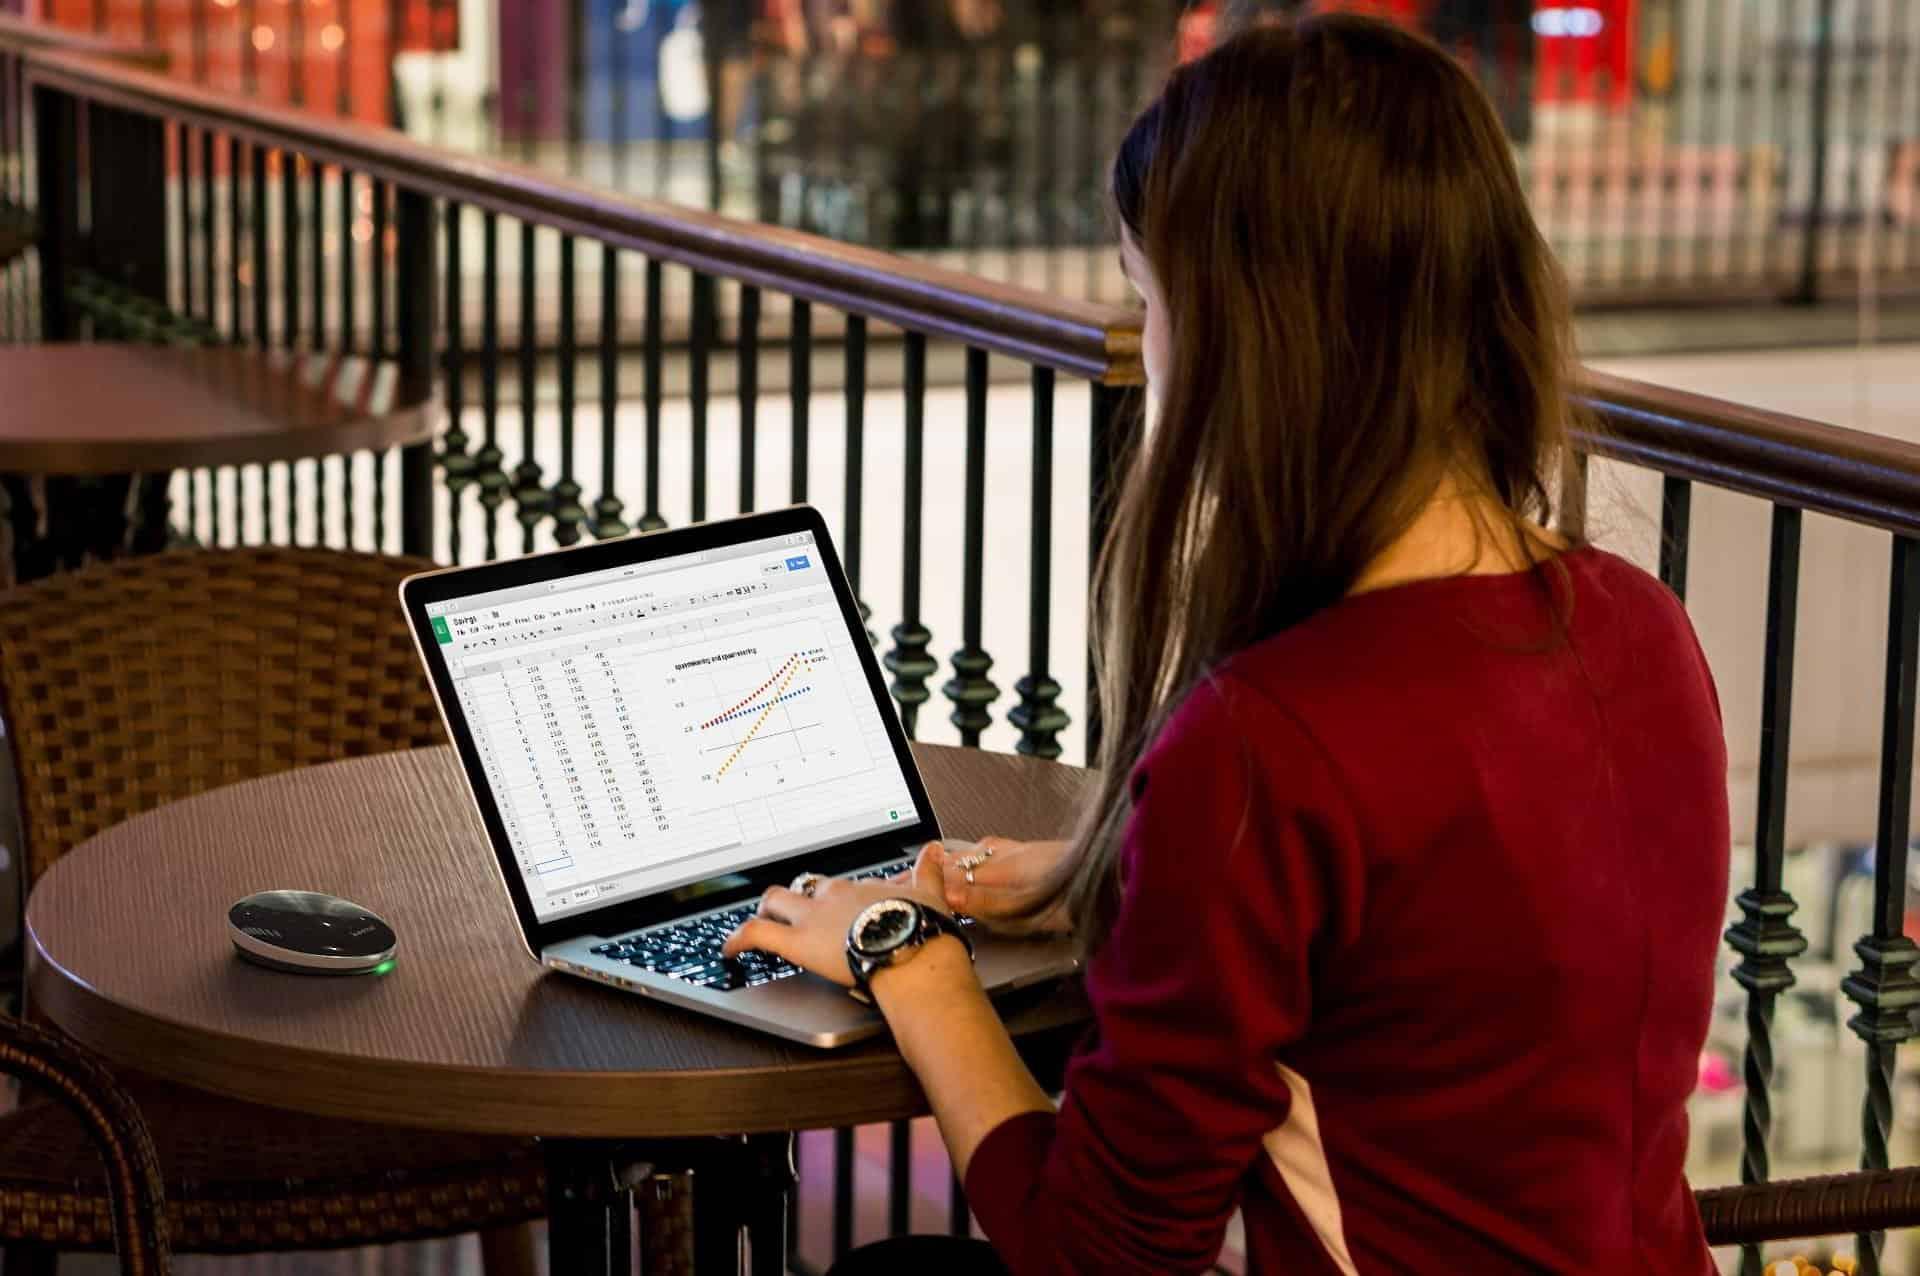 Keezel op openbare WIFI spots